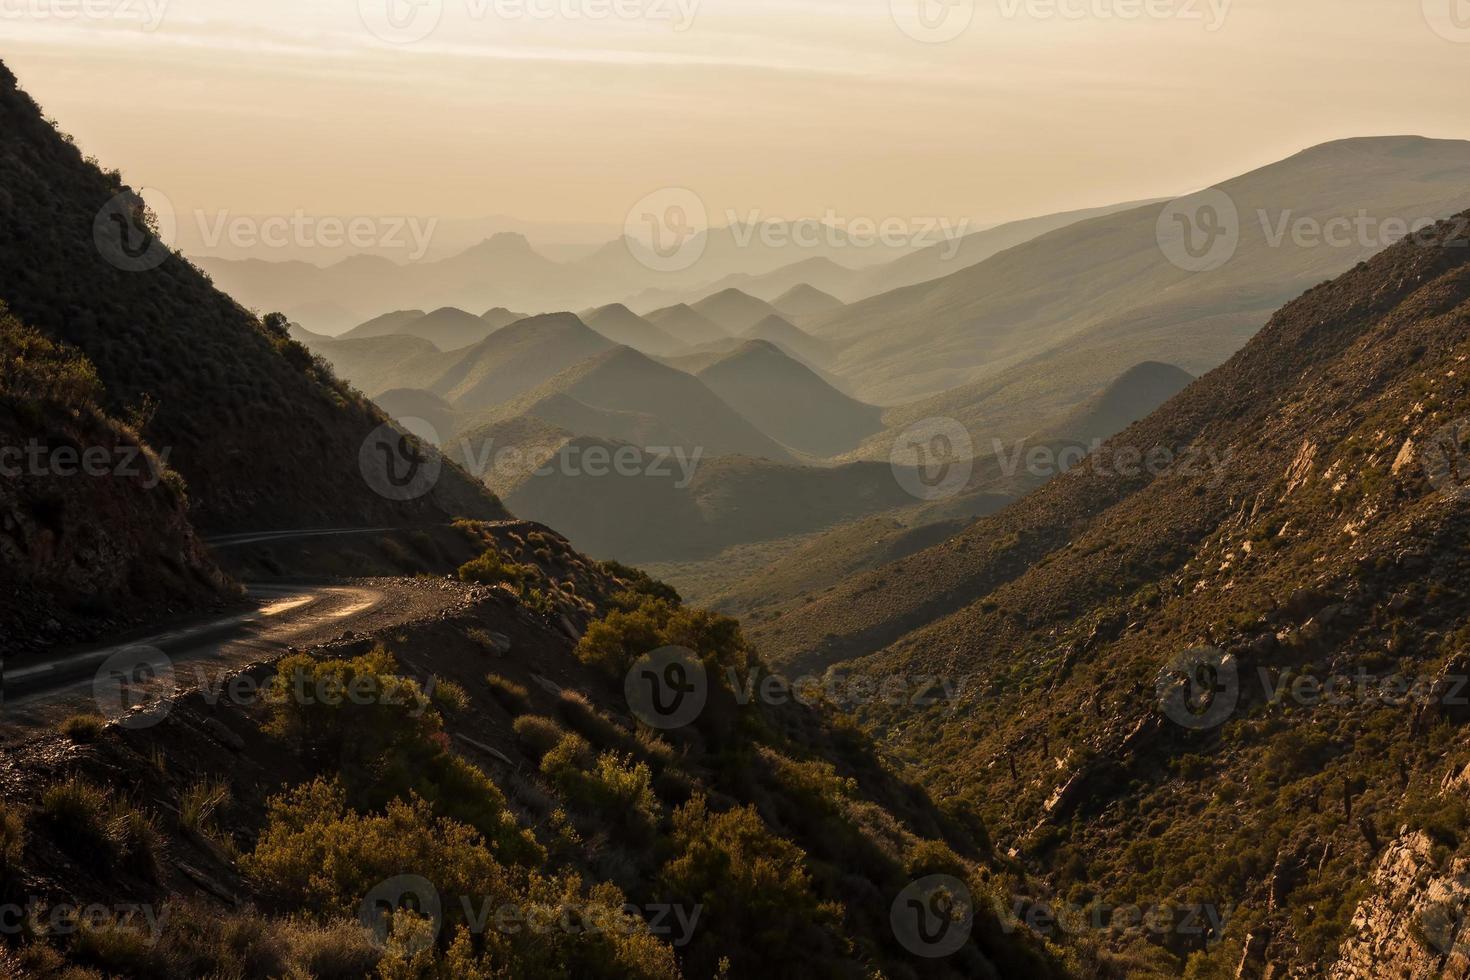 arido paesaggio montano foto